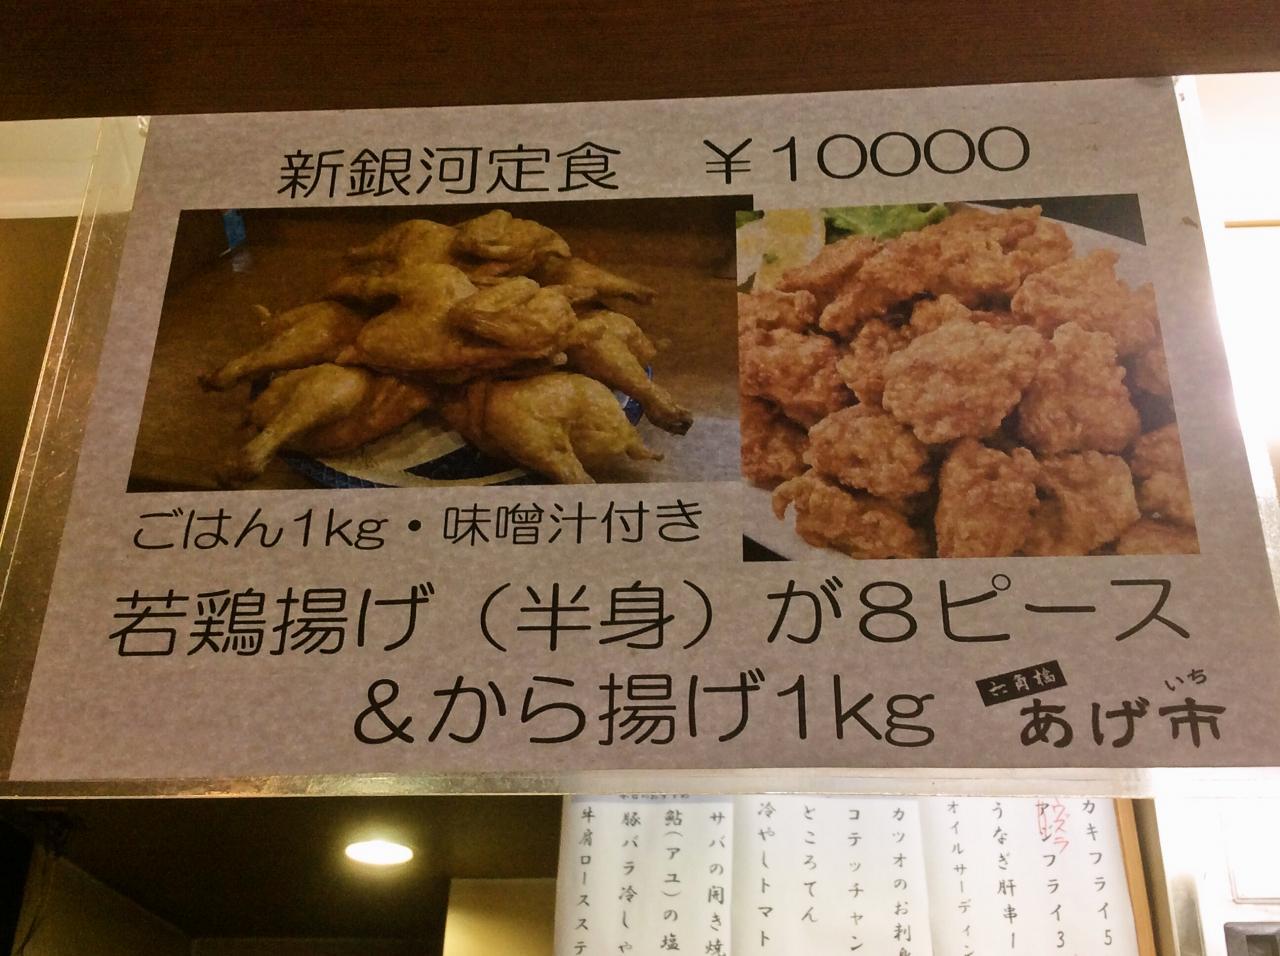 あげ市 六角橋店(唐揚げ)